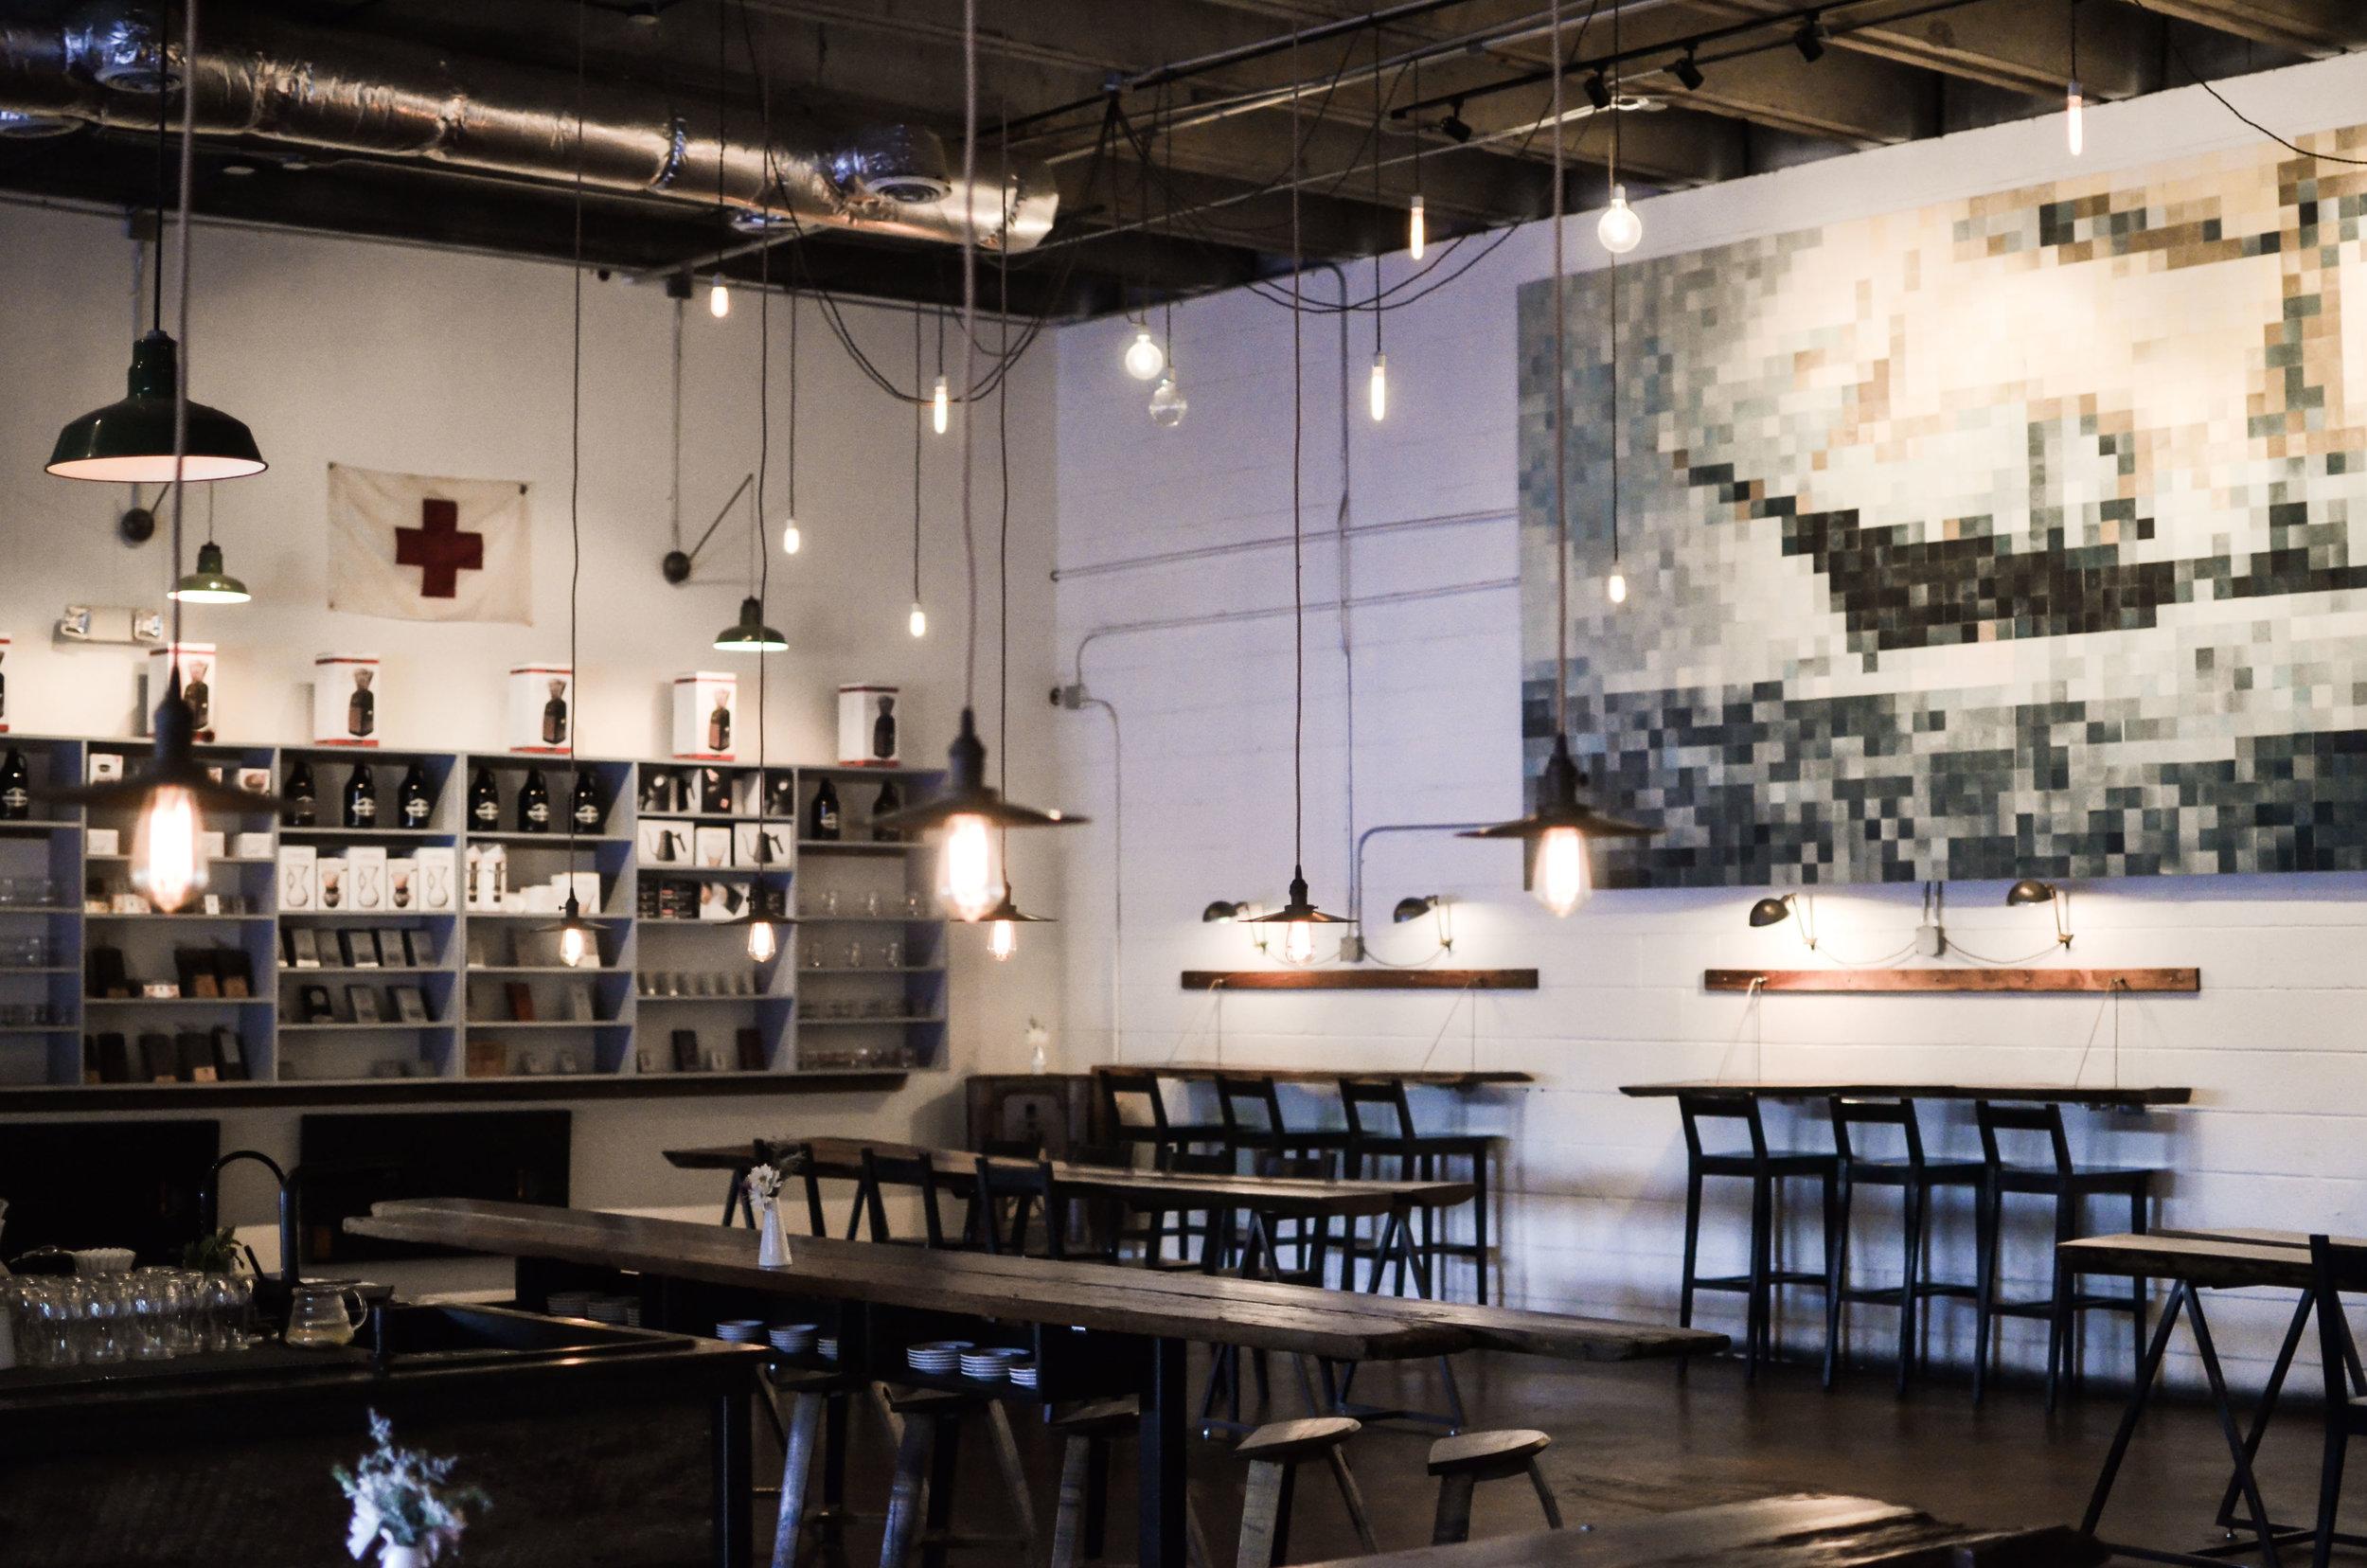 Wendling_Boyd_Barista_Parlor_Craft_Coffee_Culture-2.jpg